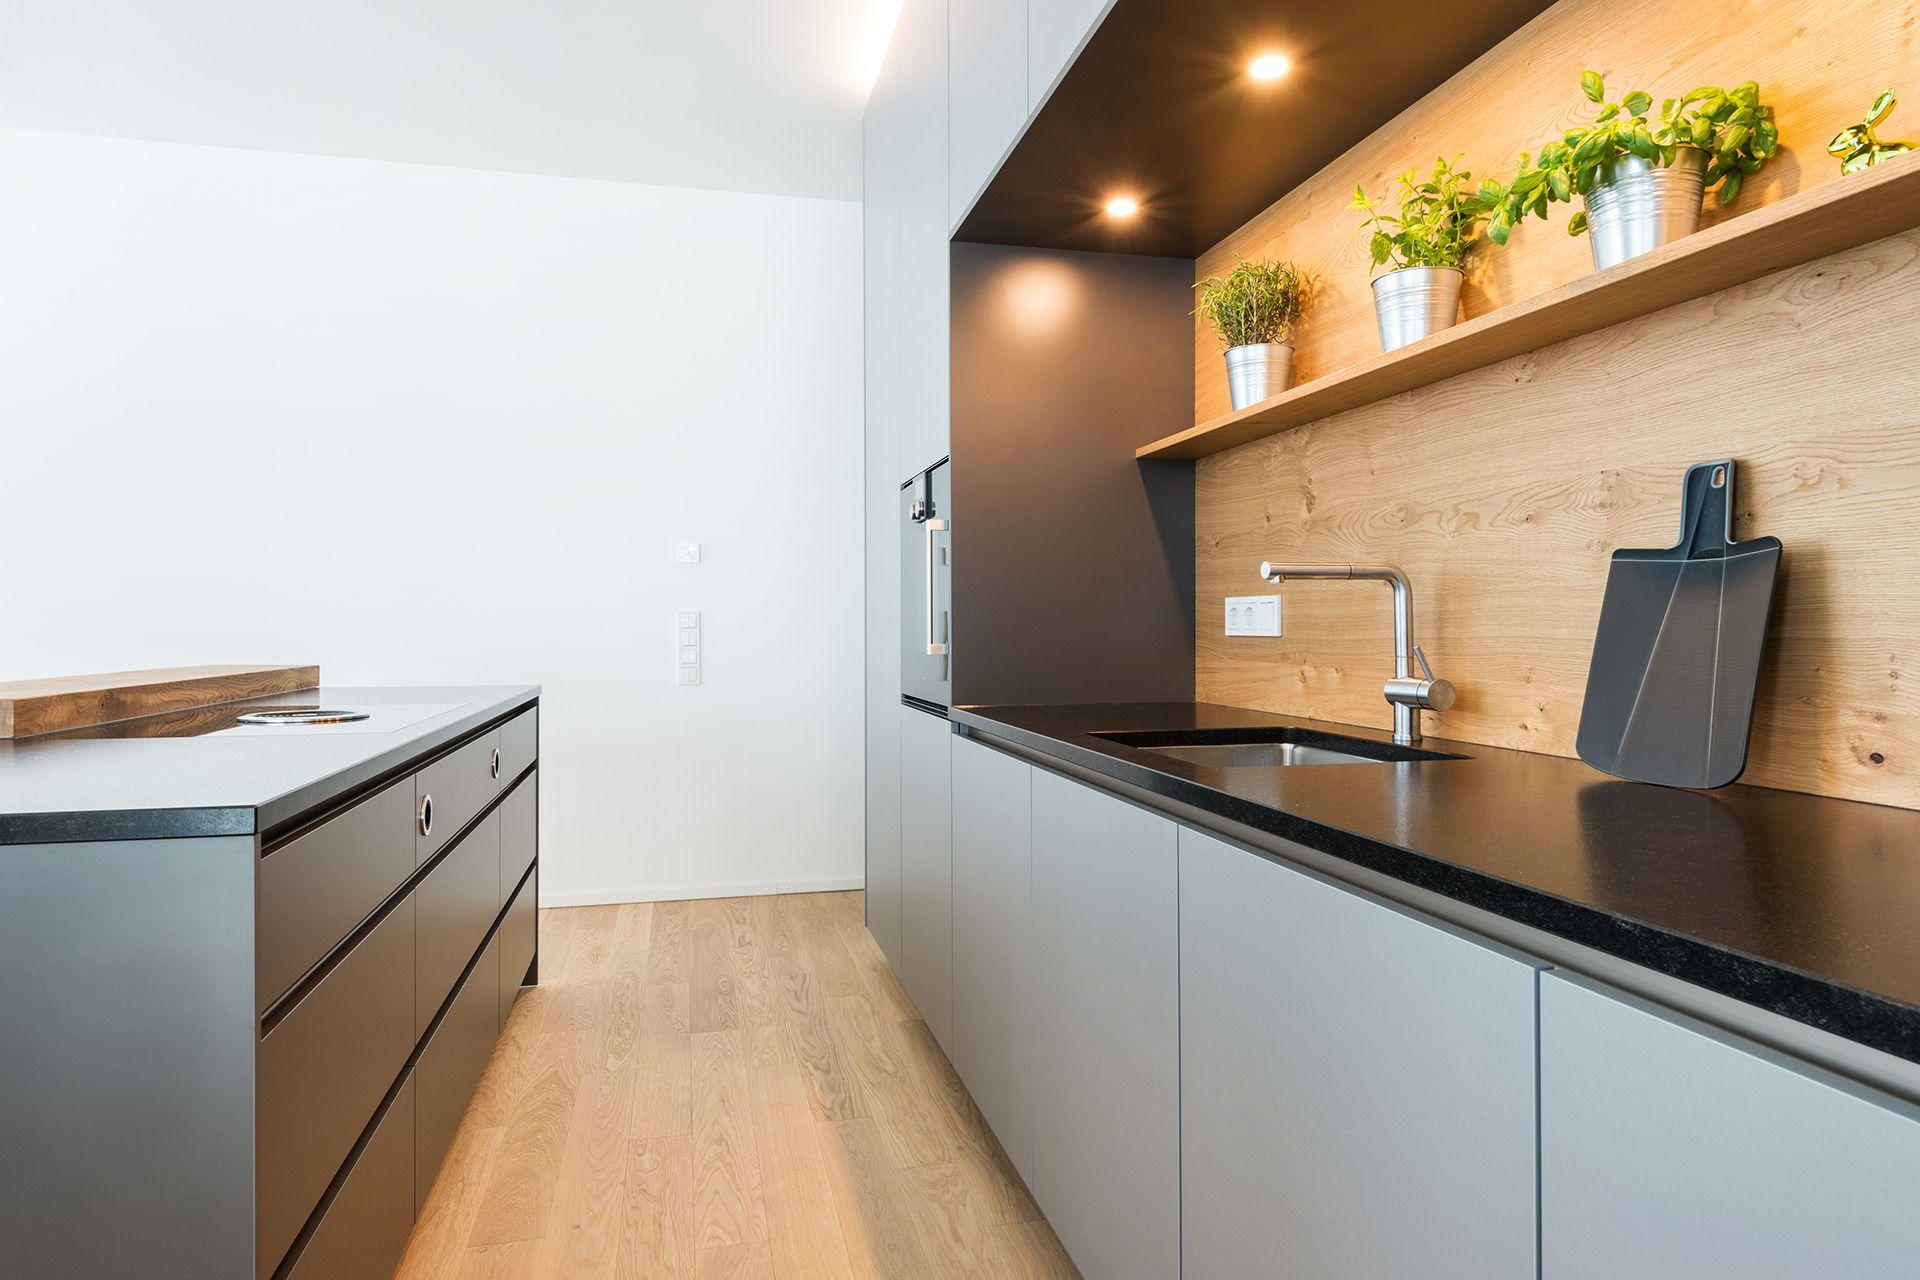 Graue Küche | Küchenrückwand | Küche rückwand holz, Graue ...